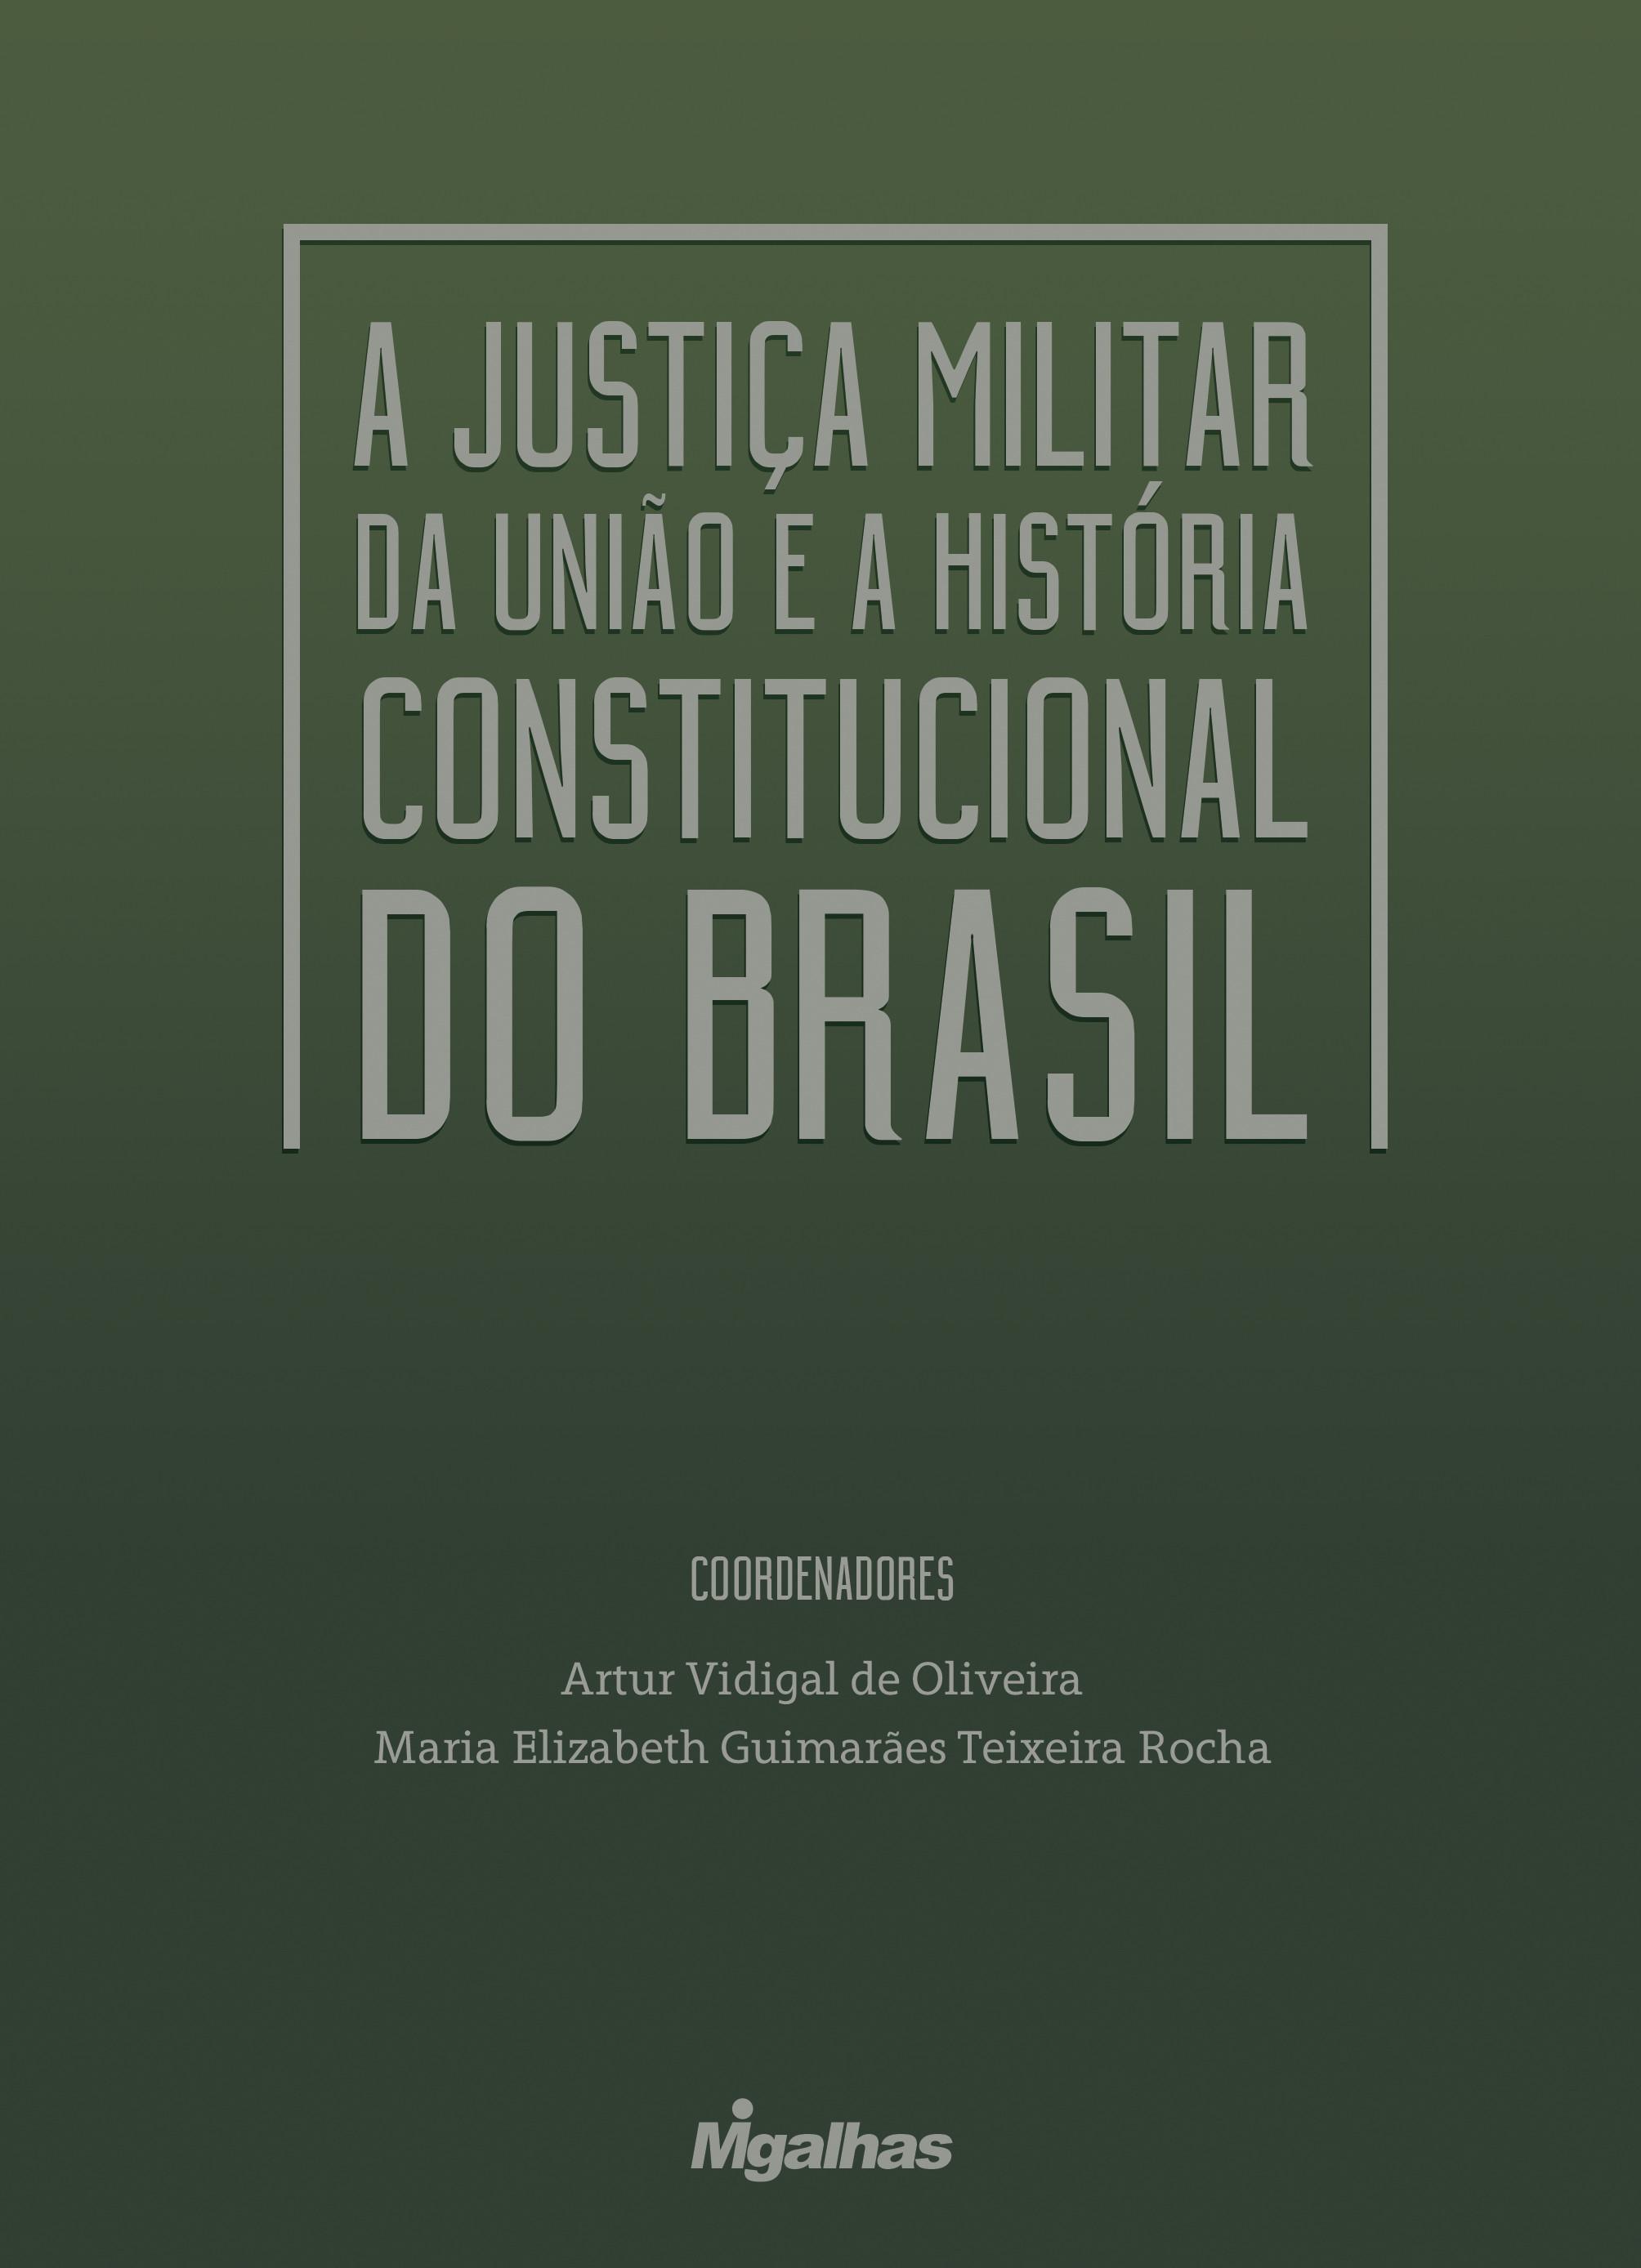 A Justiça Militar da União e a História Constitucional do Brasil - Obra Coletiva